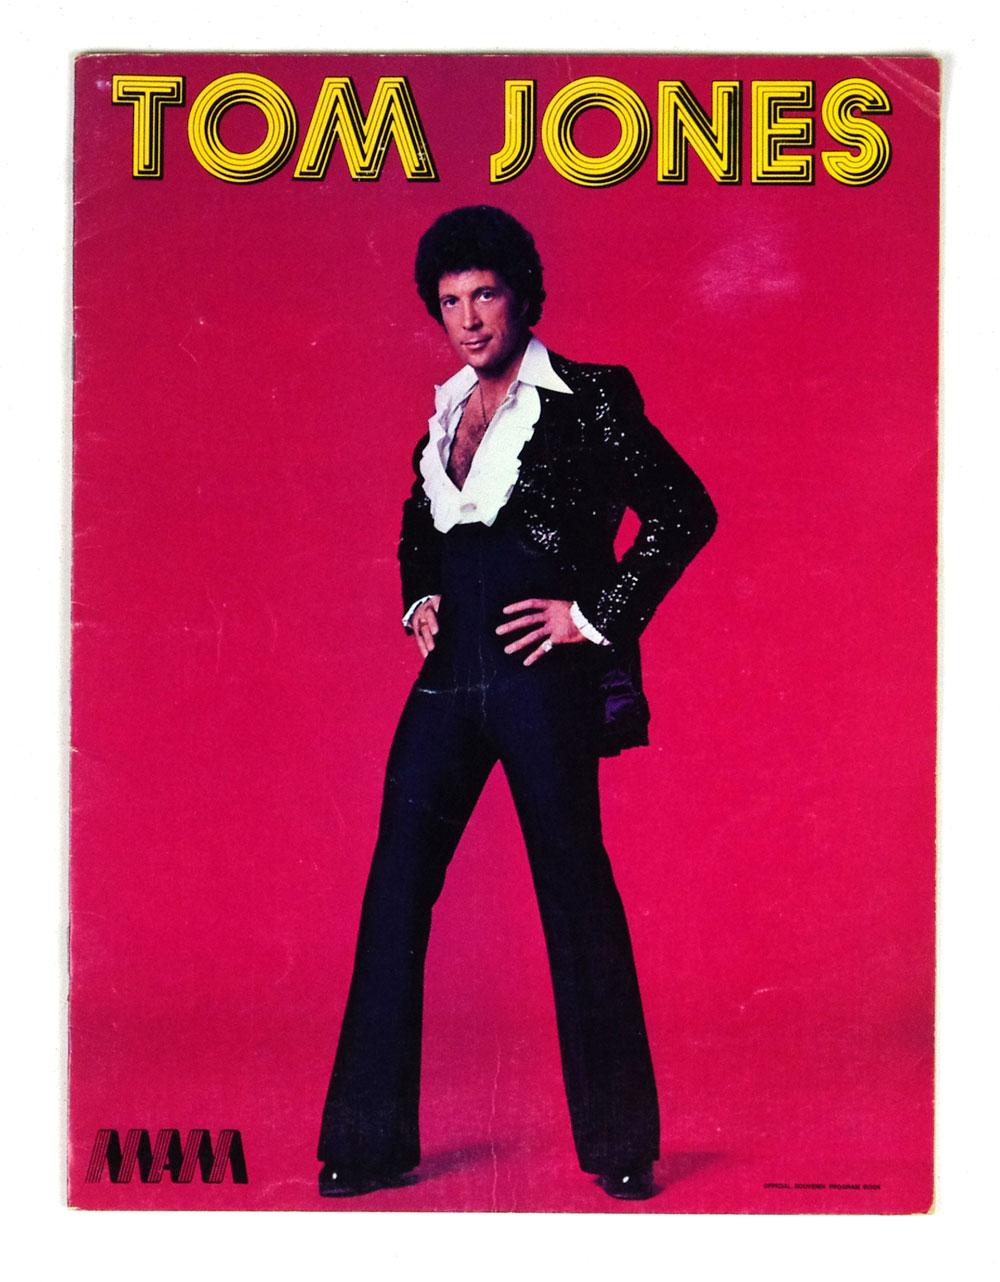 Tom Jones 1977 Tour Program Book